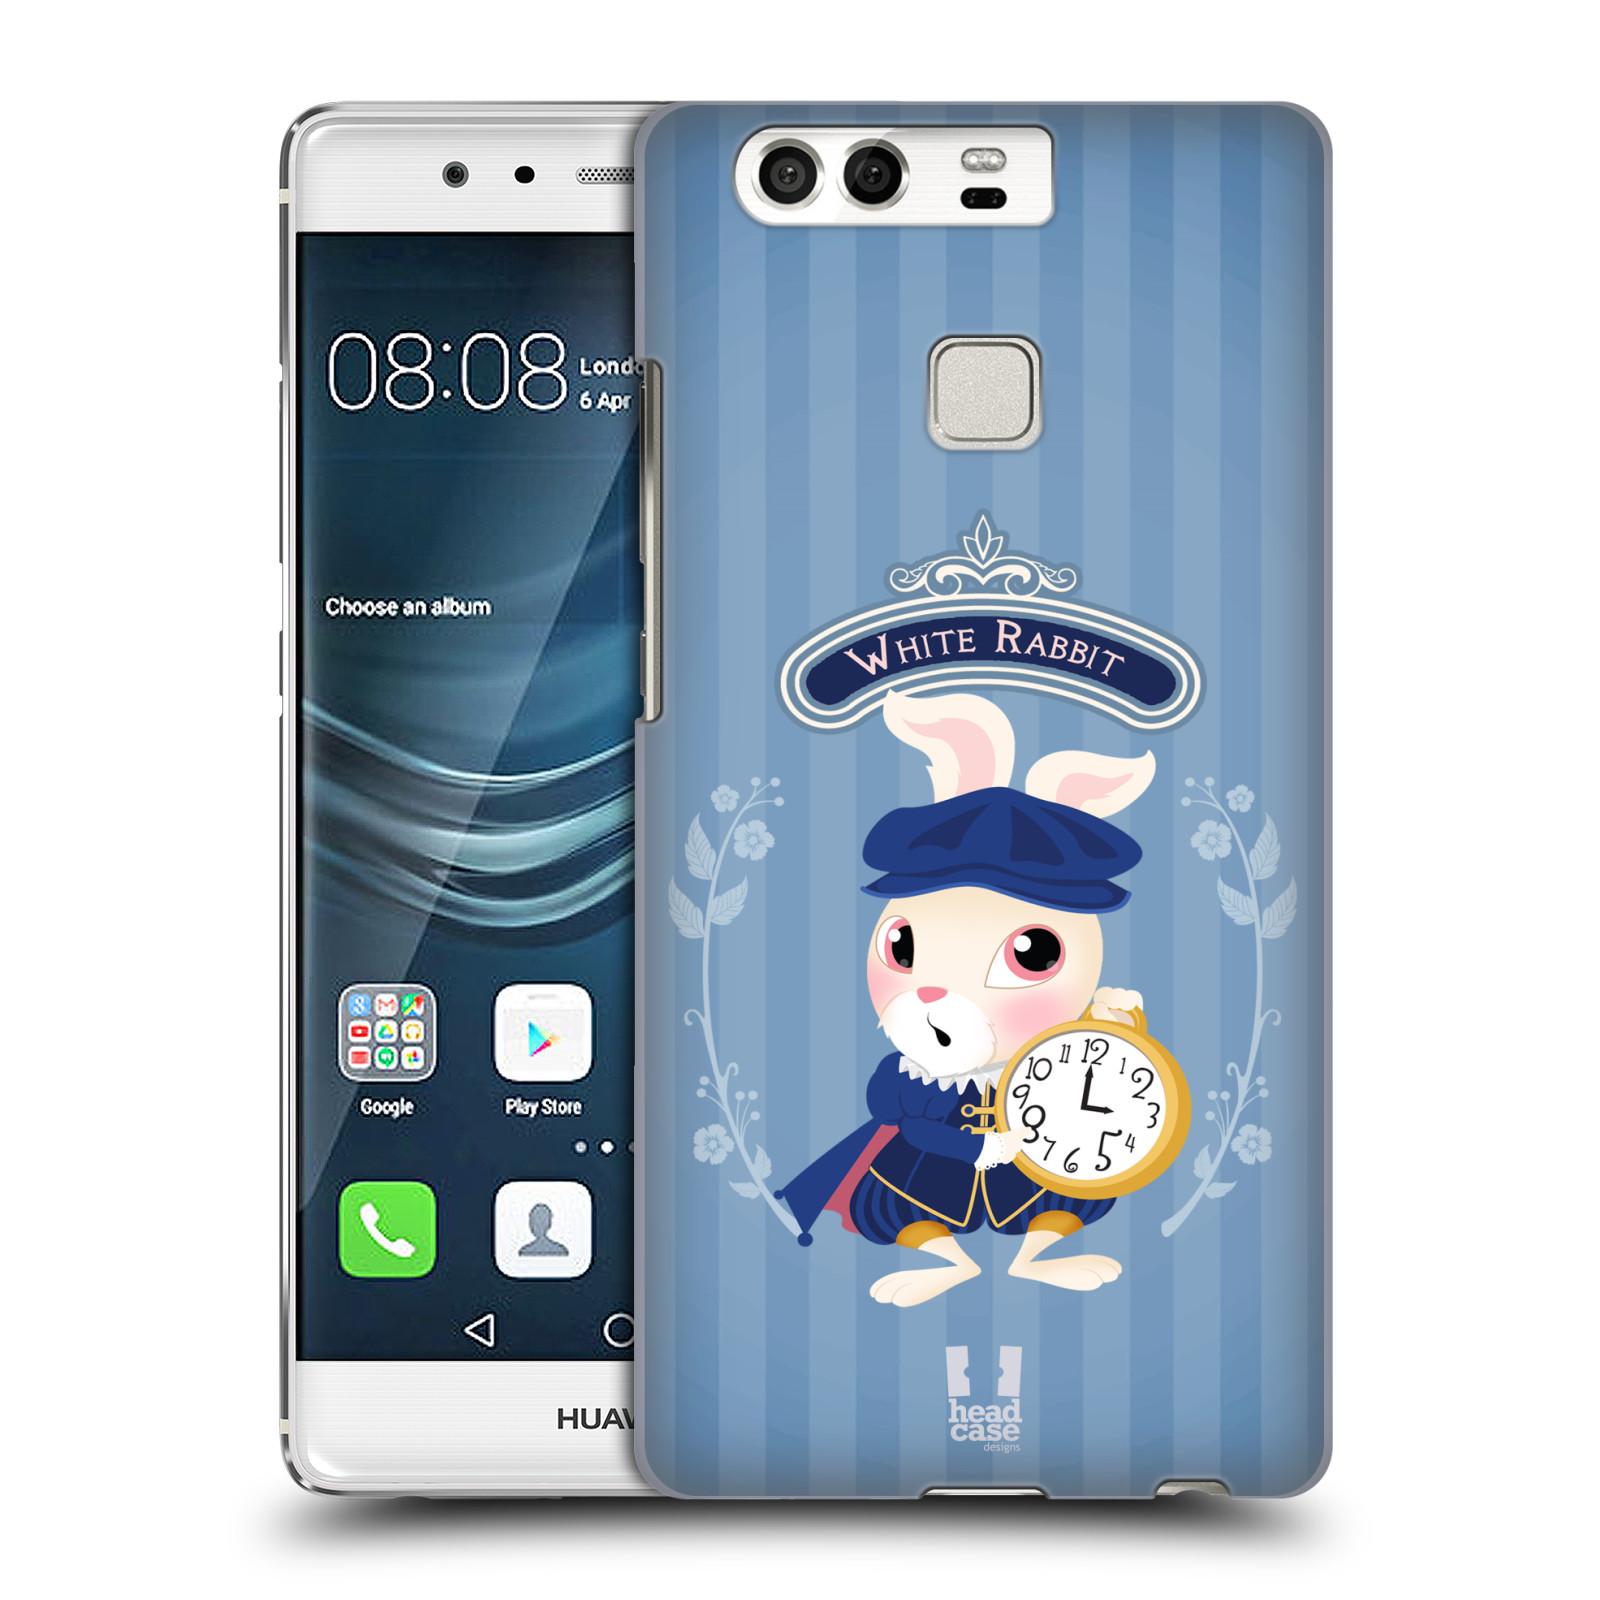 HEAD CASE plastový obal na mobil Huawei P9 / P9 DUAL SIM vzor Alenka v říši divů králíček